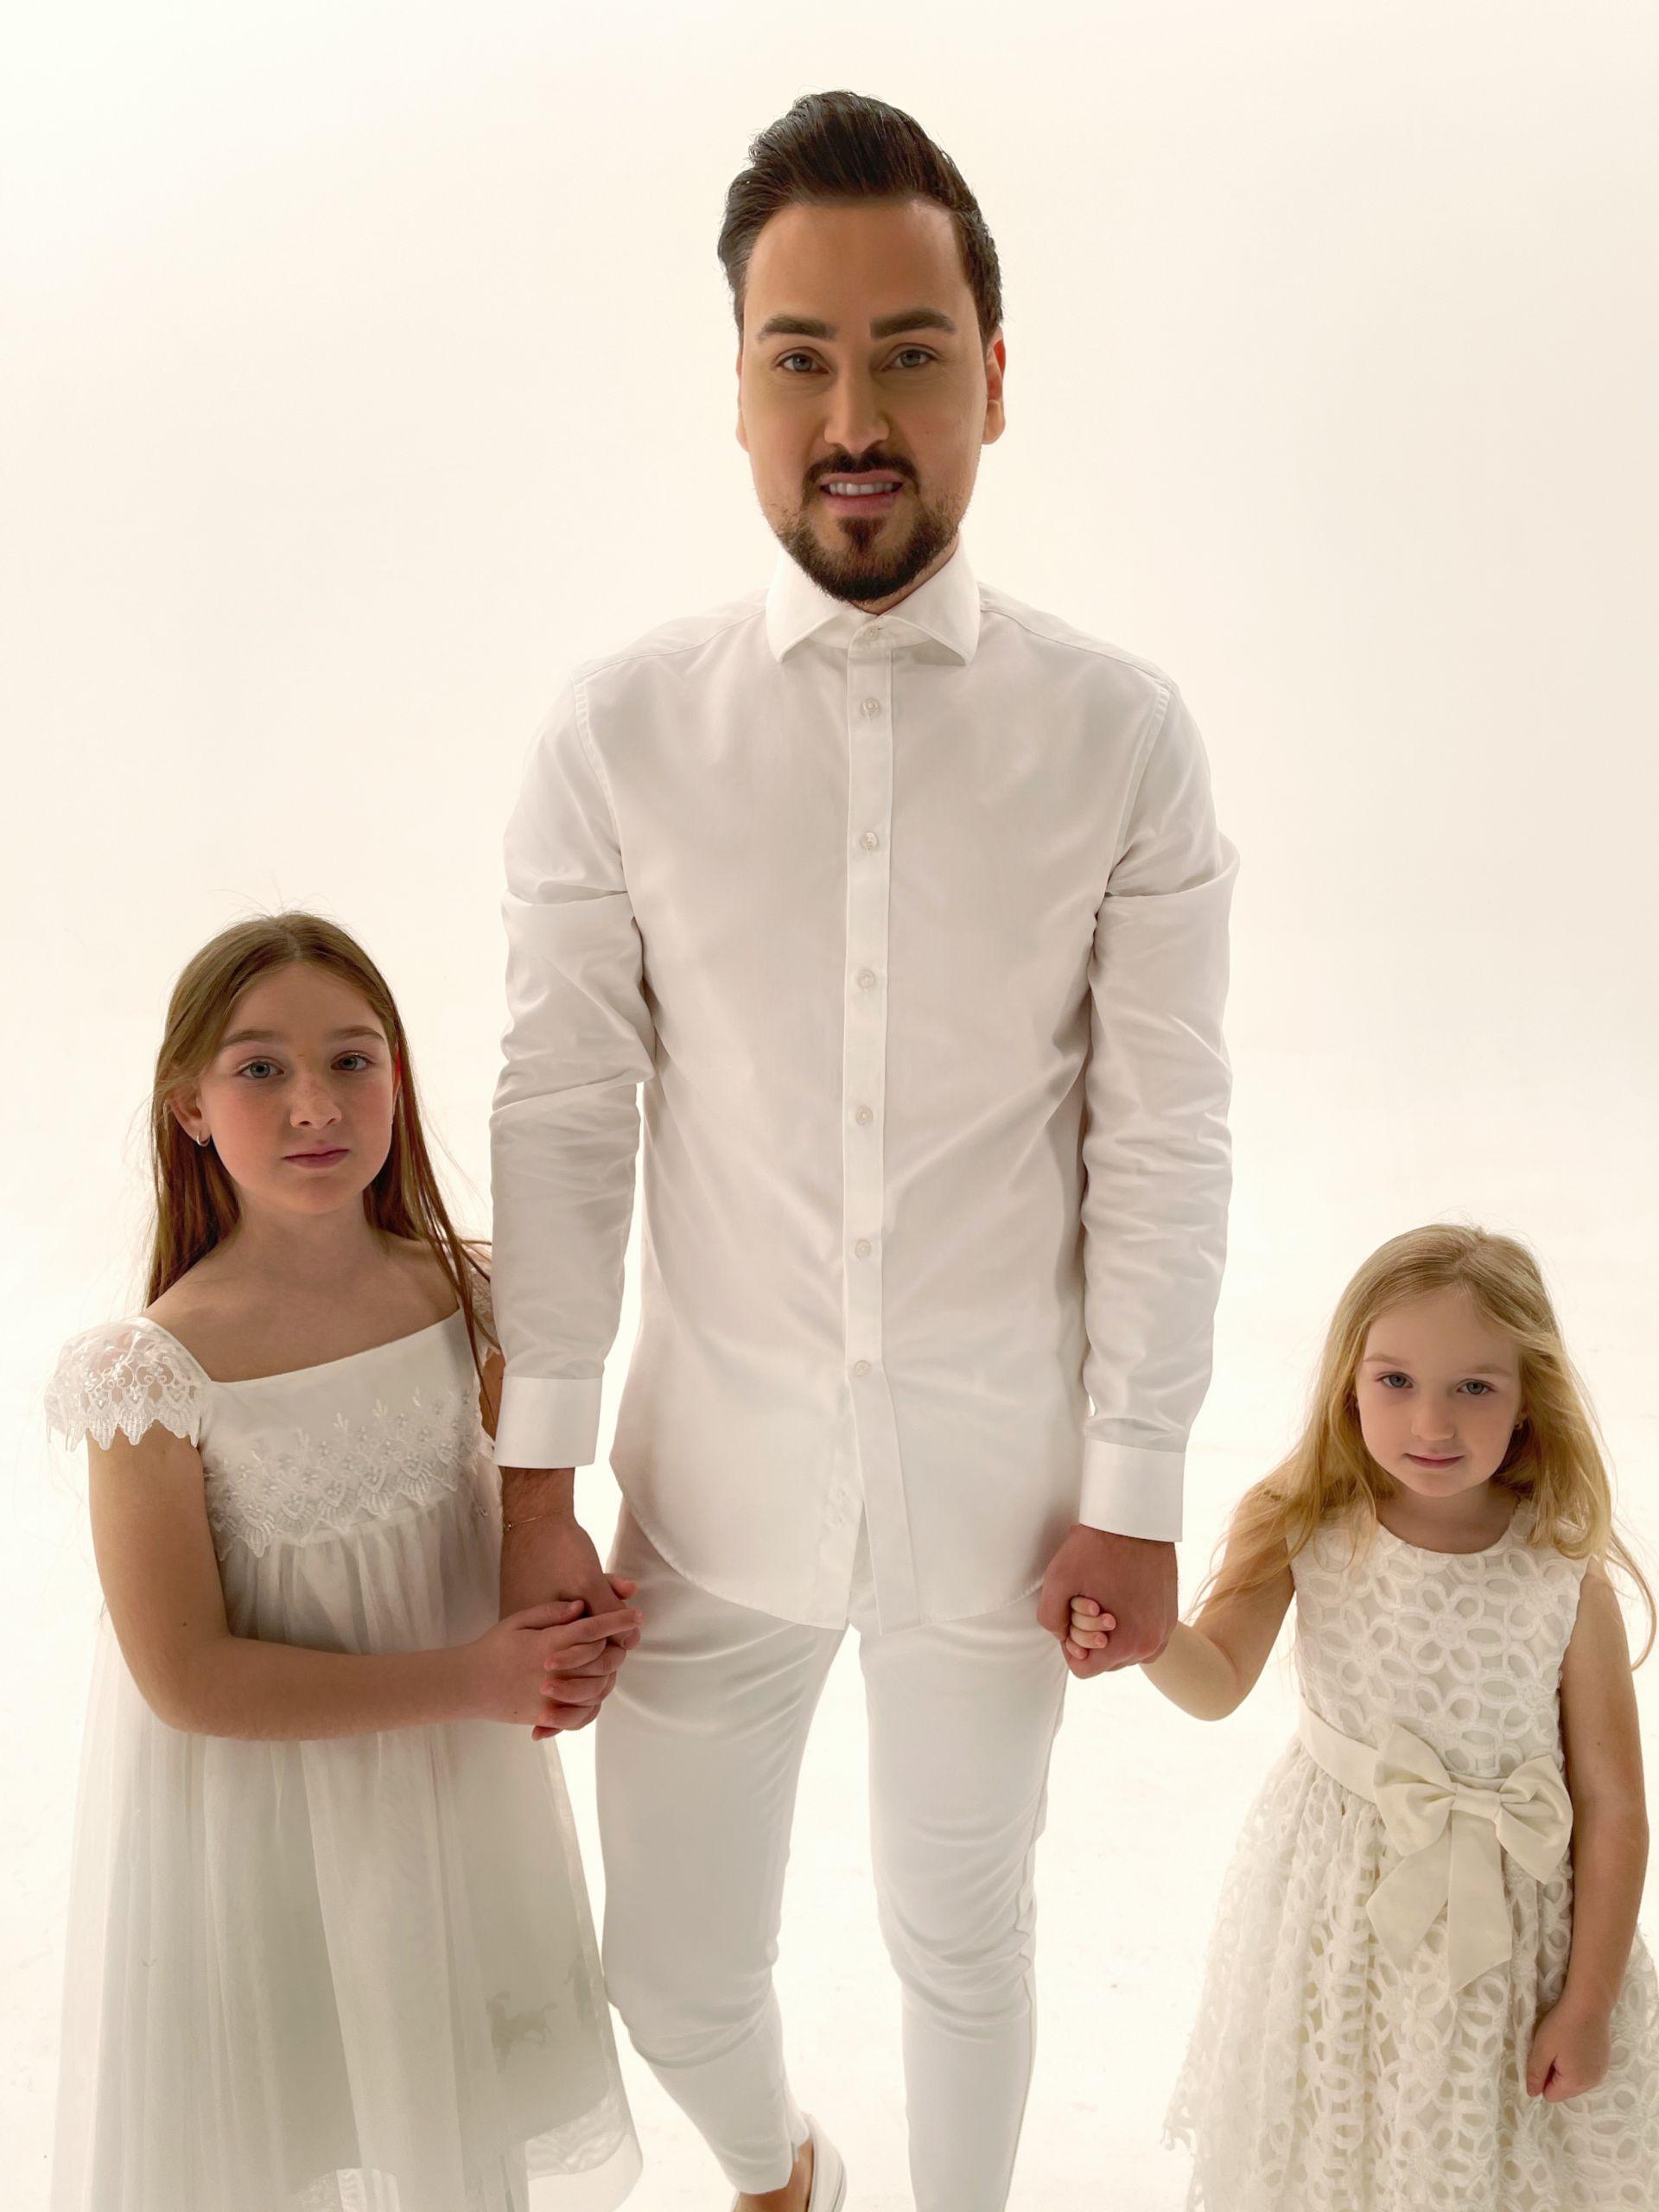 Георги с двете си племенници Грация и Микаела, които участват в клипа към песента